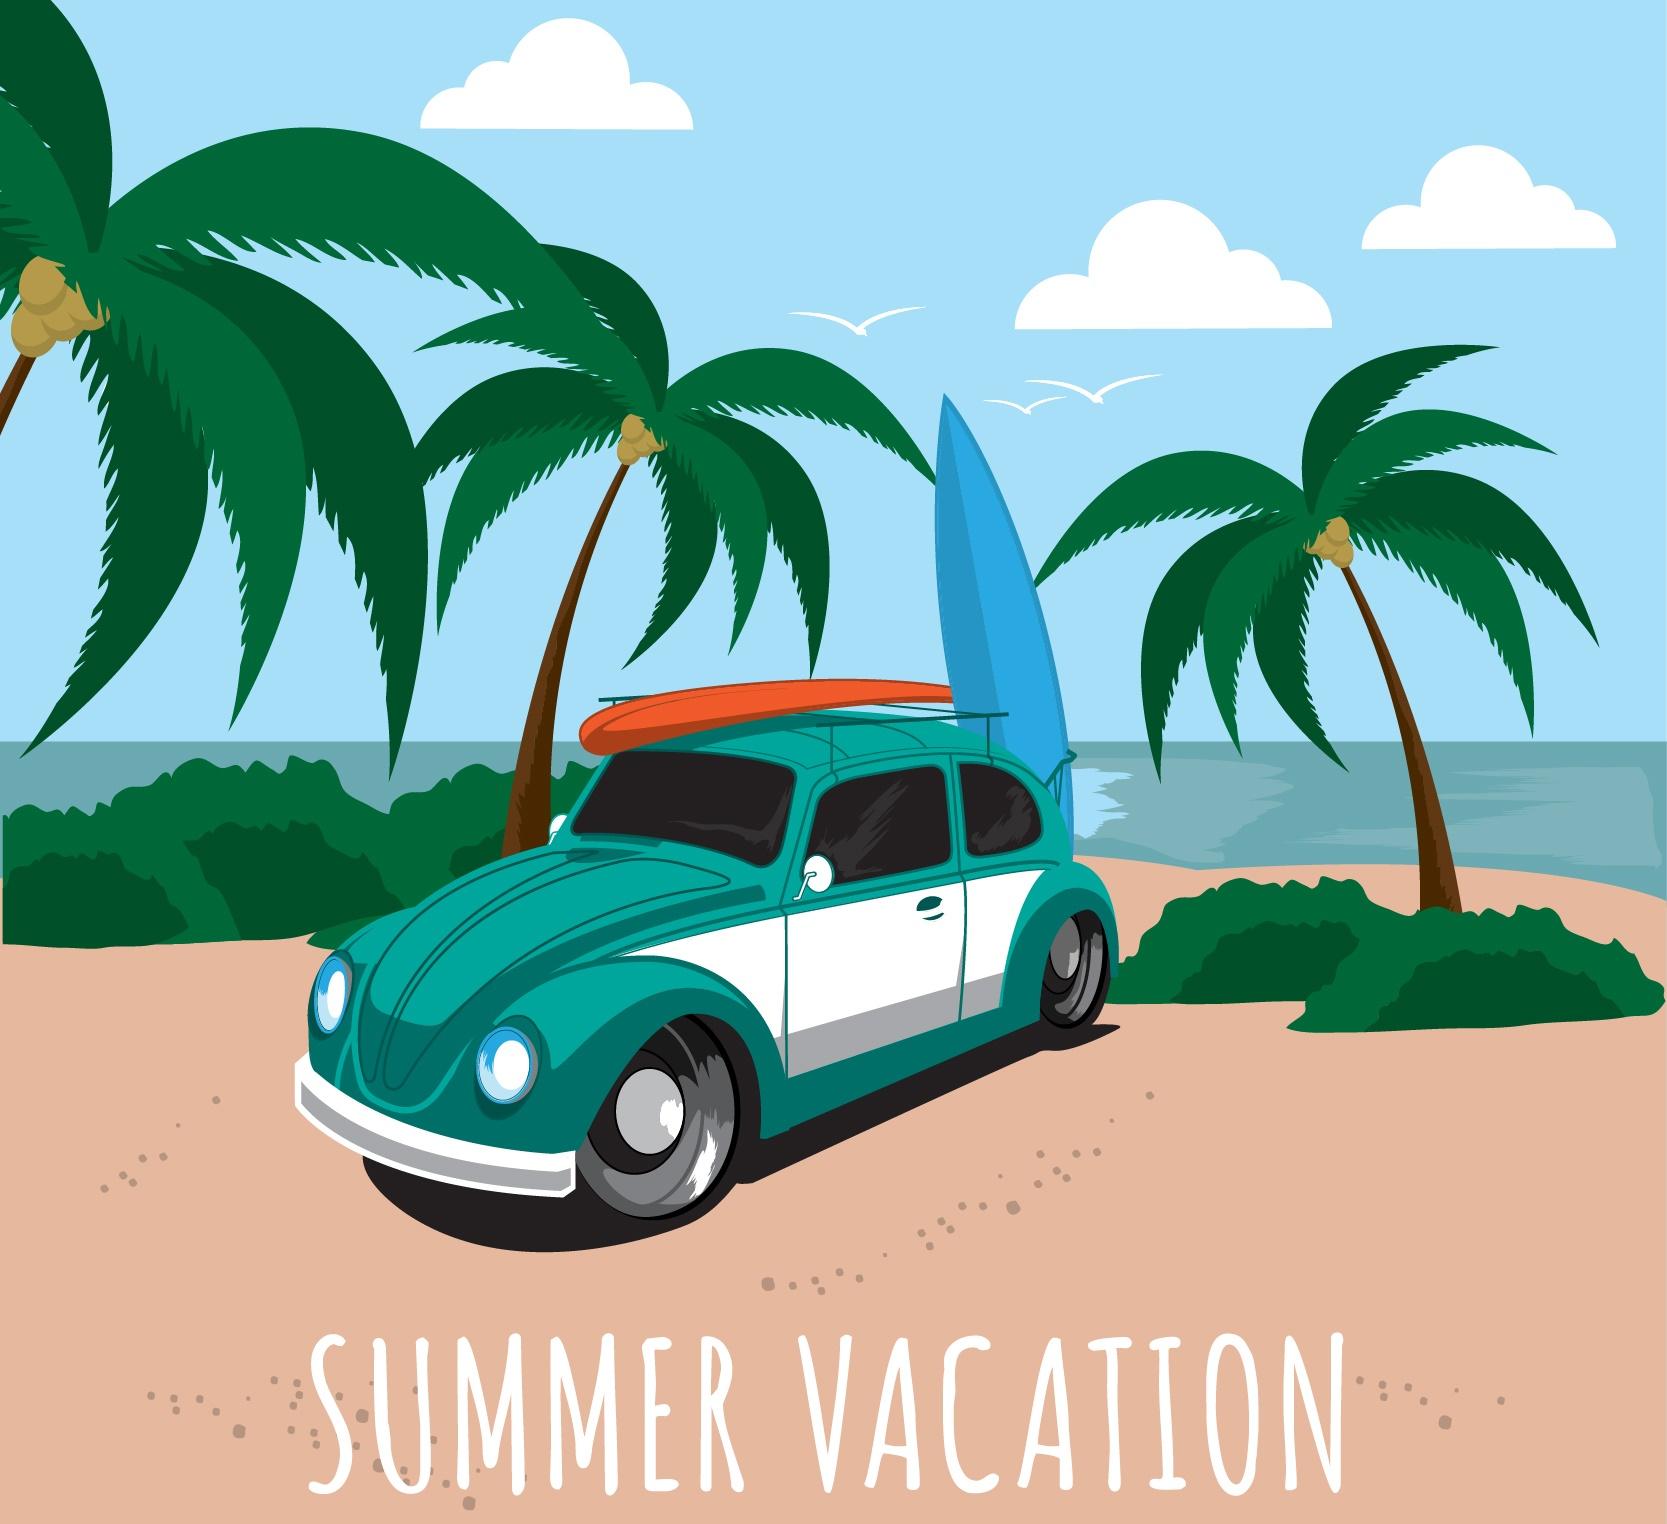 couv article spp vacances